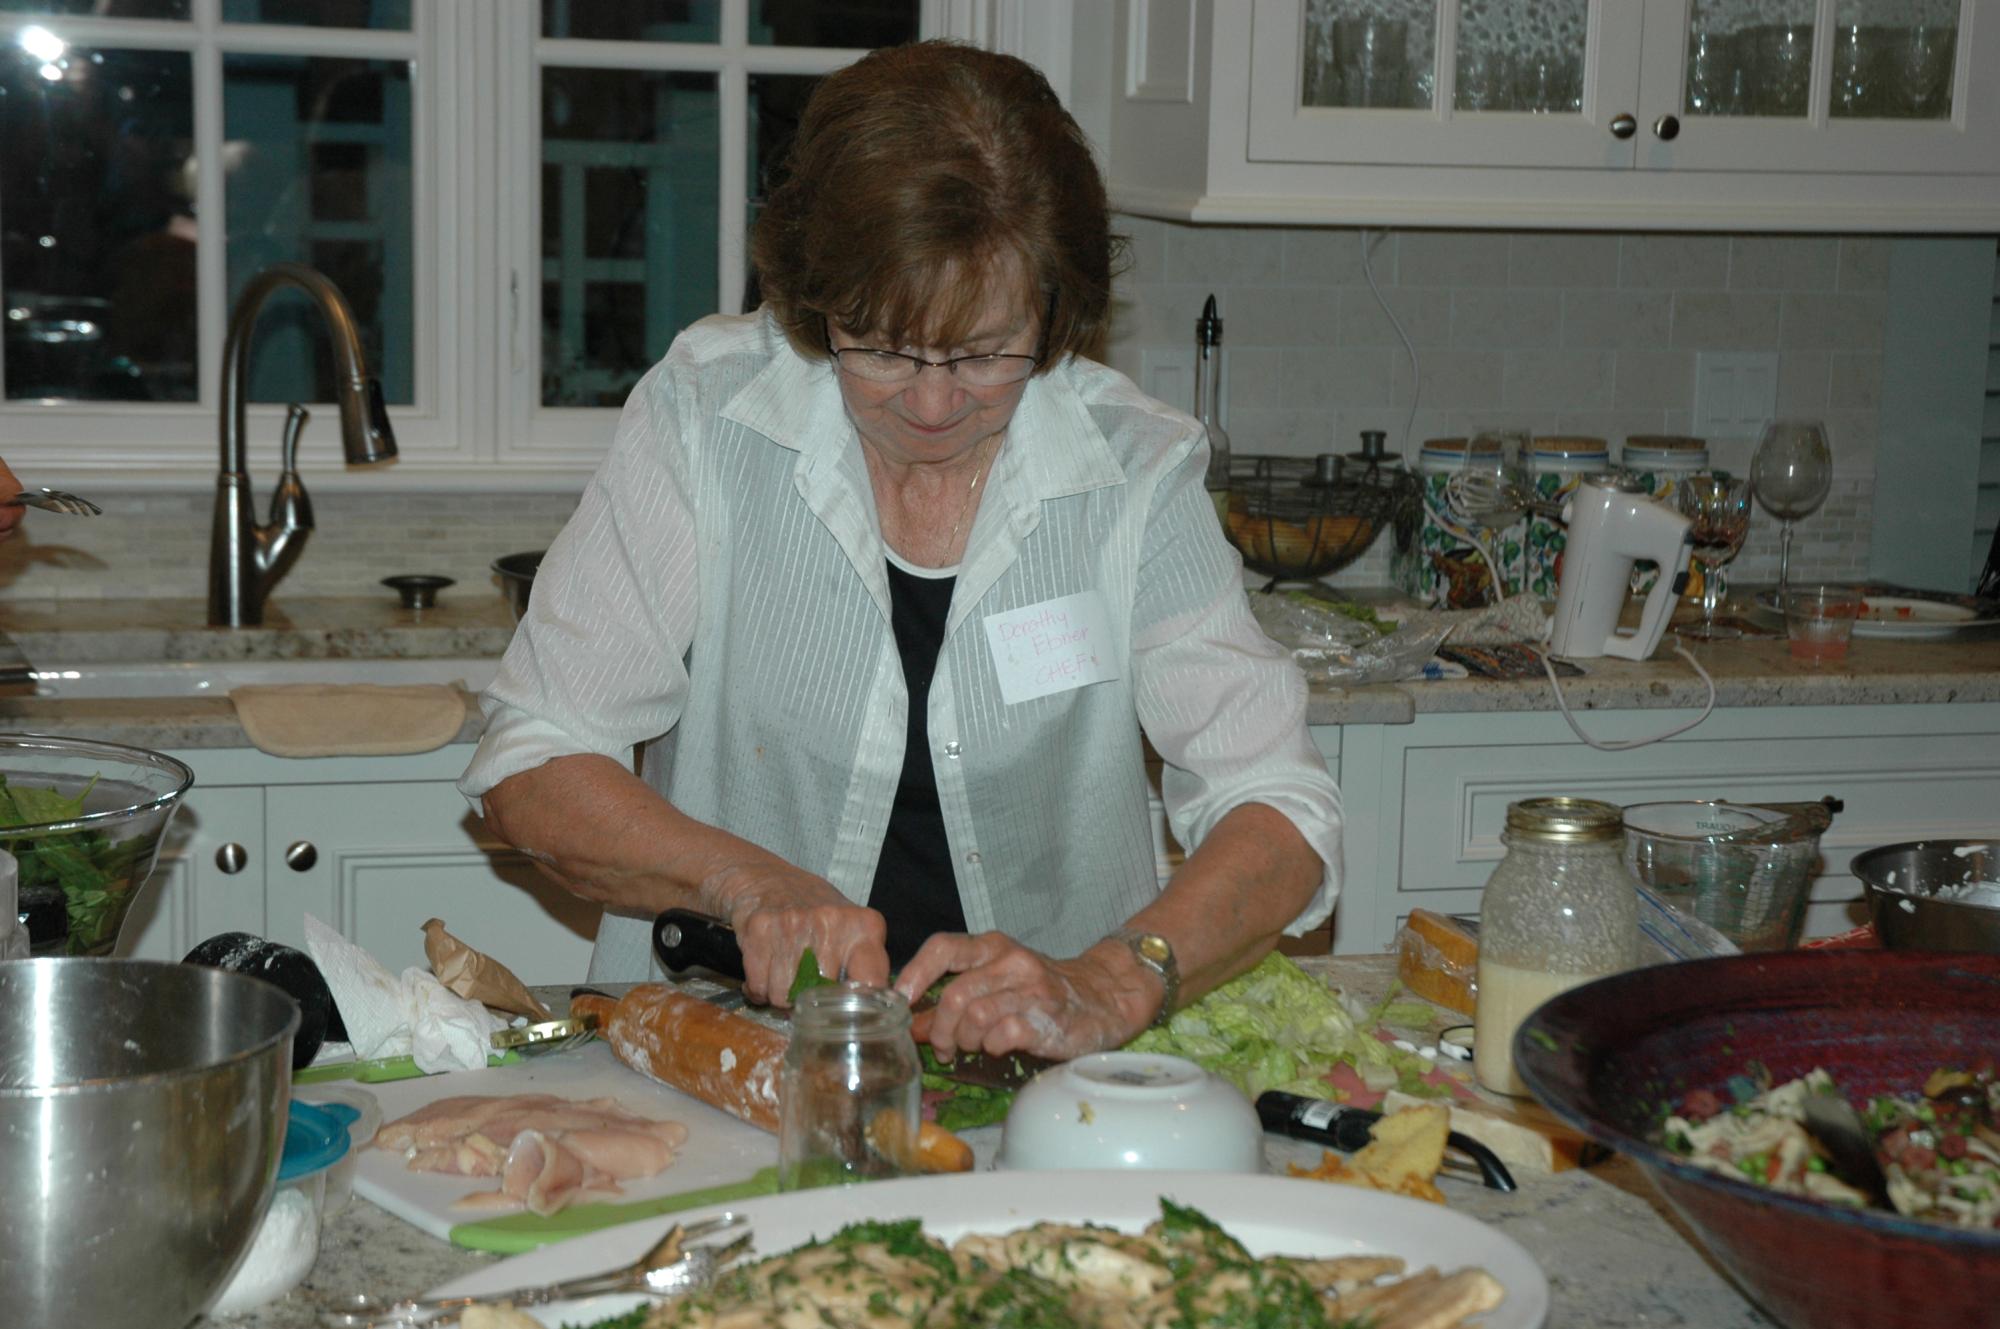 27-preparing-salad_0089.jpg